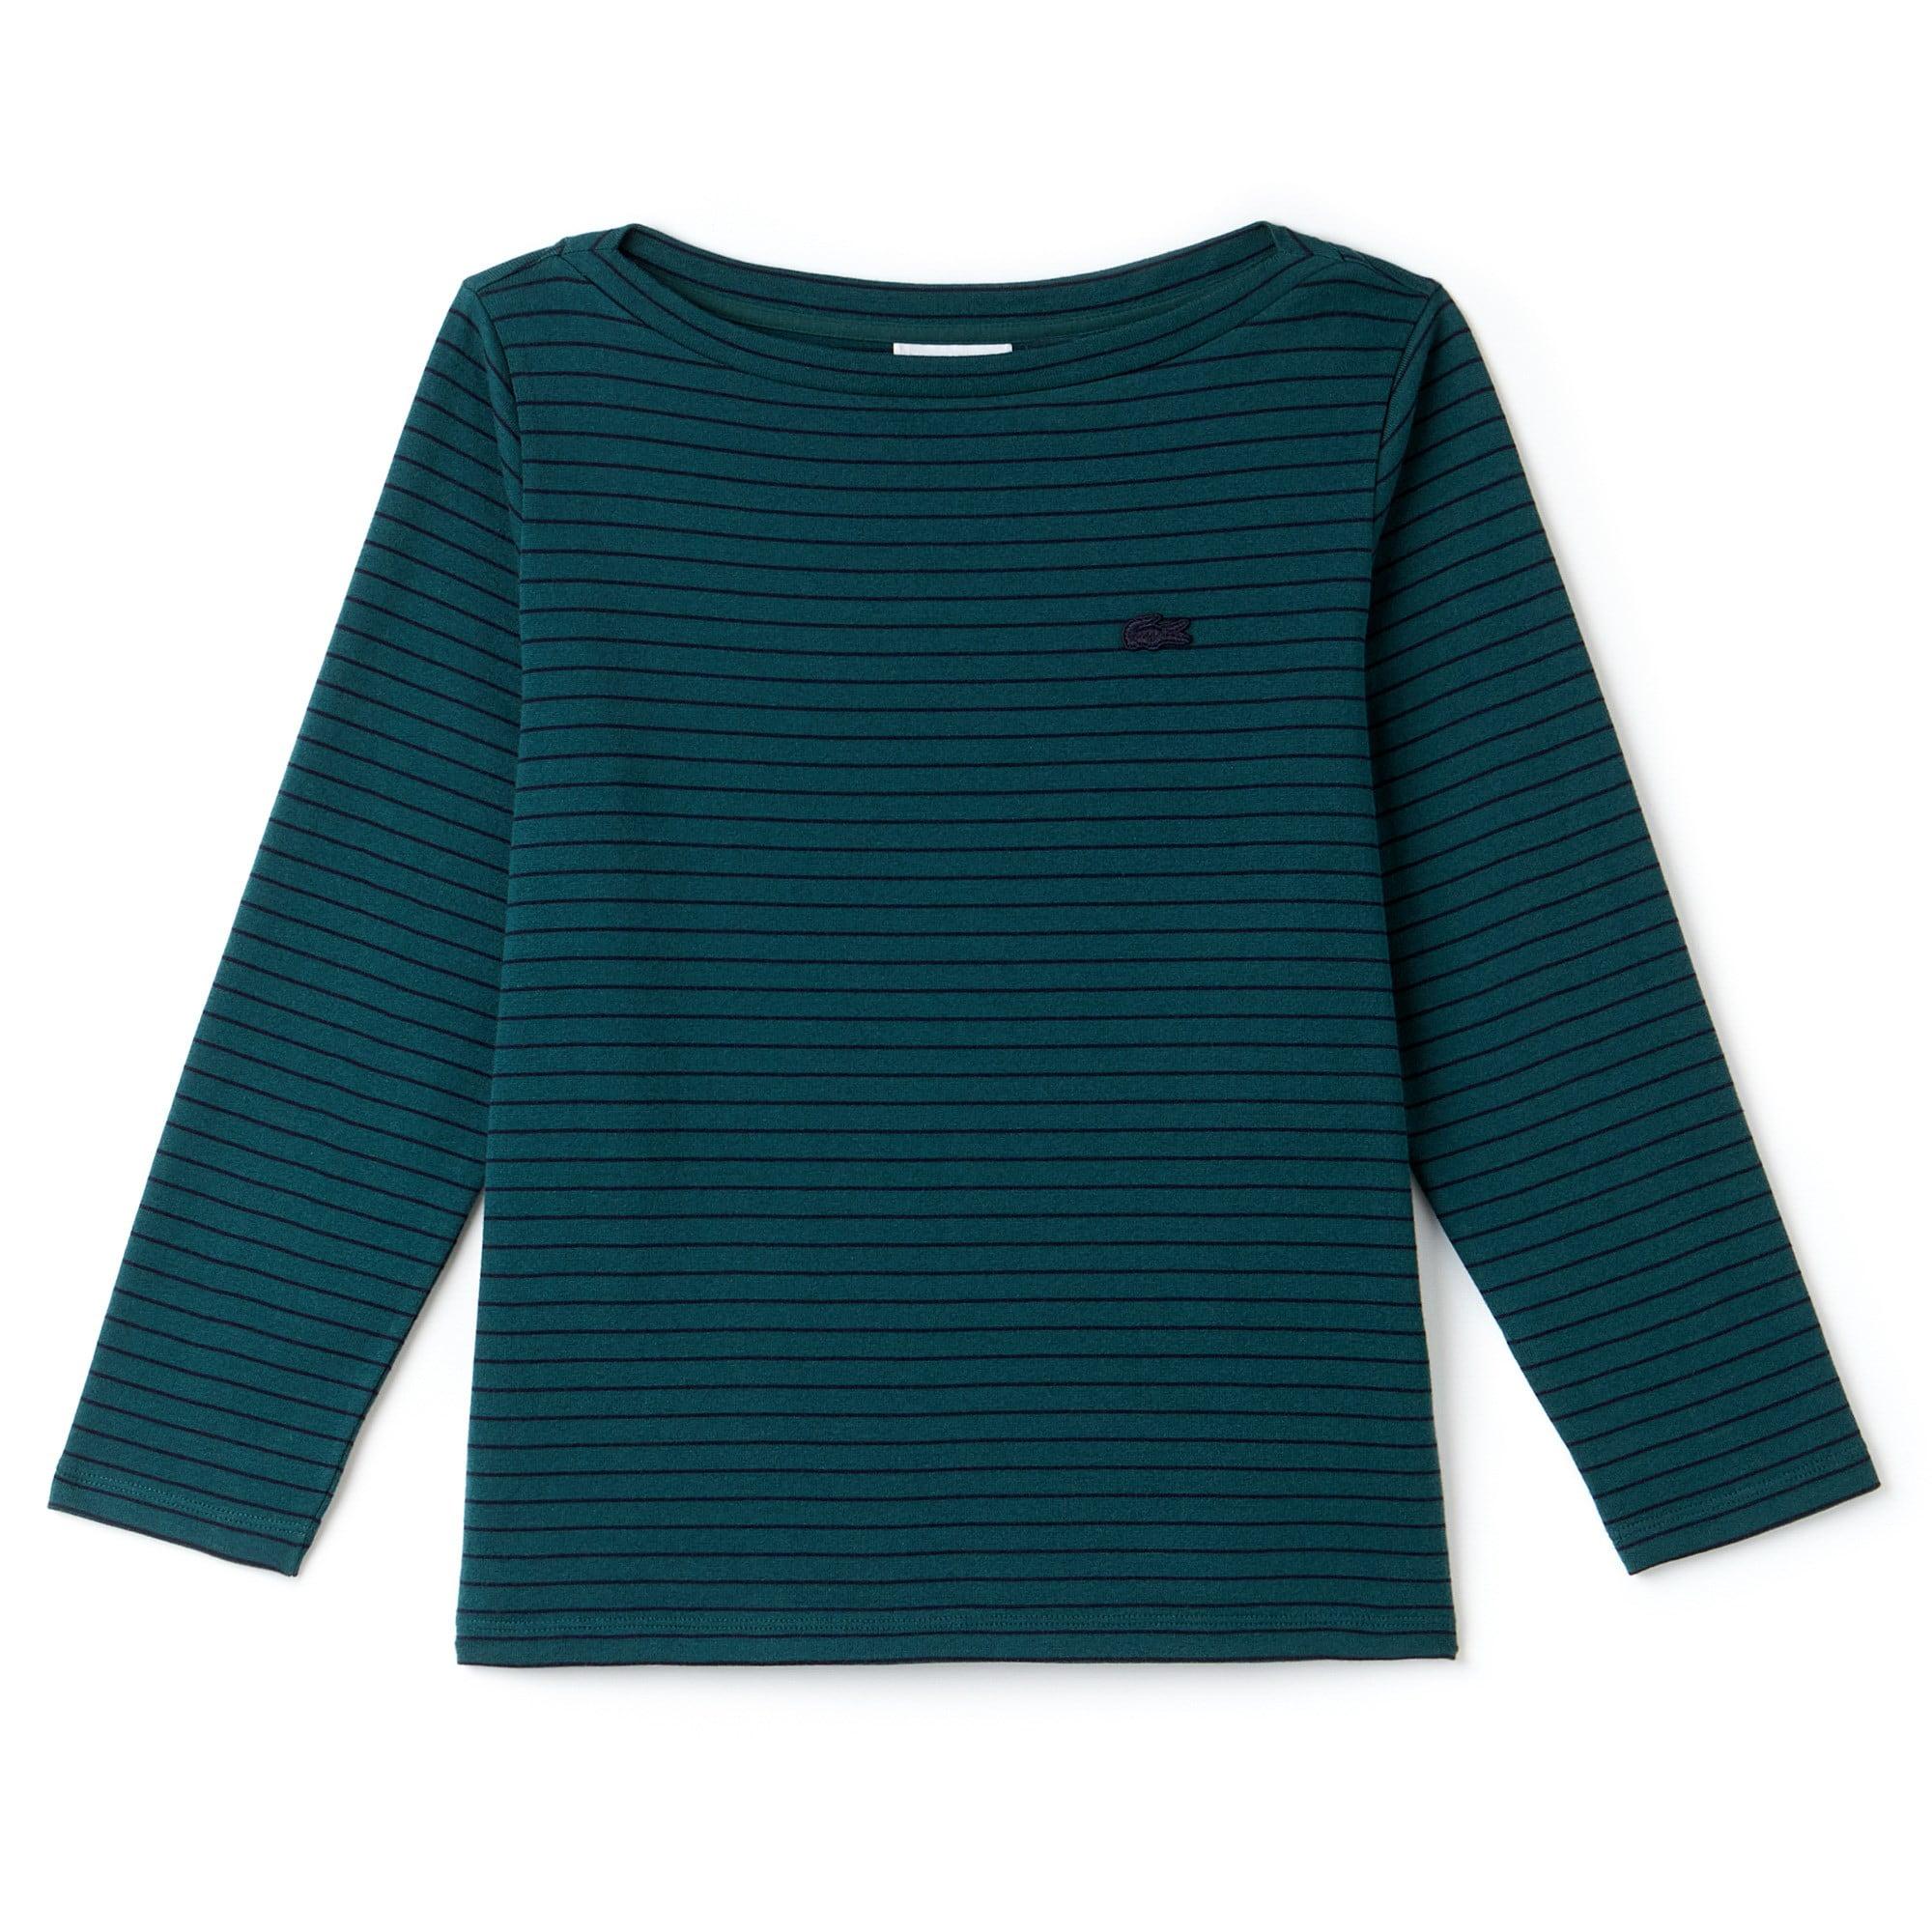 Maglia a righe marinière con collo a barchetta in jersey di cotone